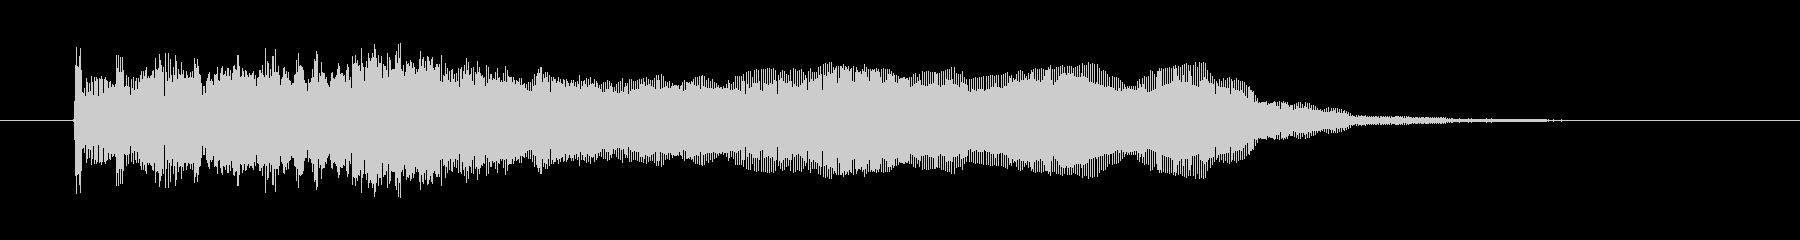 ヘヴィーメタリックなギターフレーズの未再生の波形